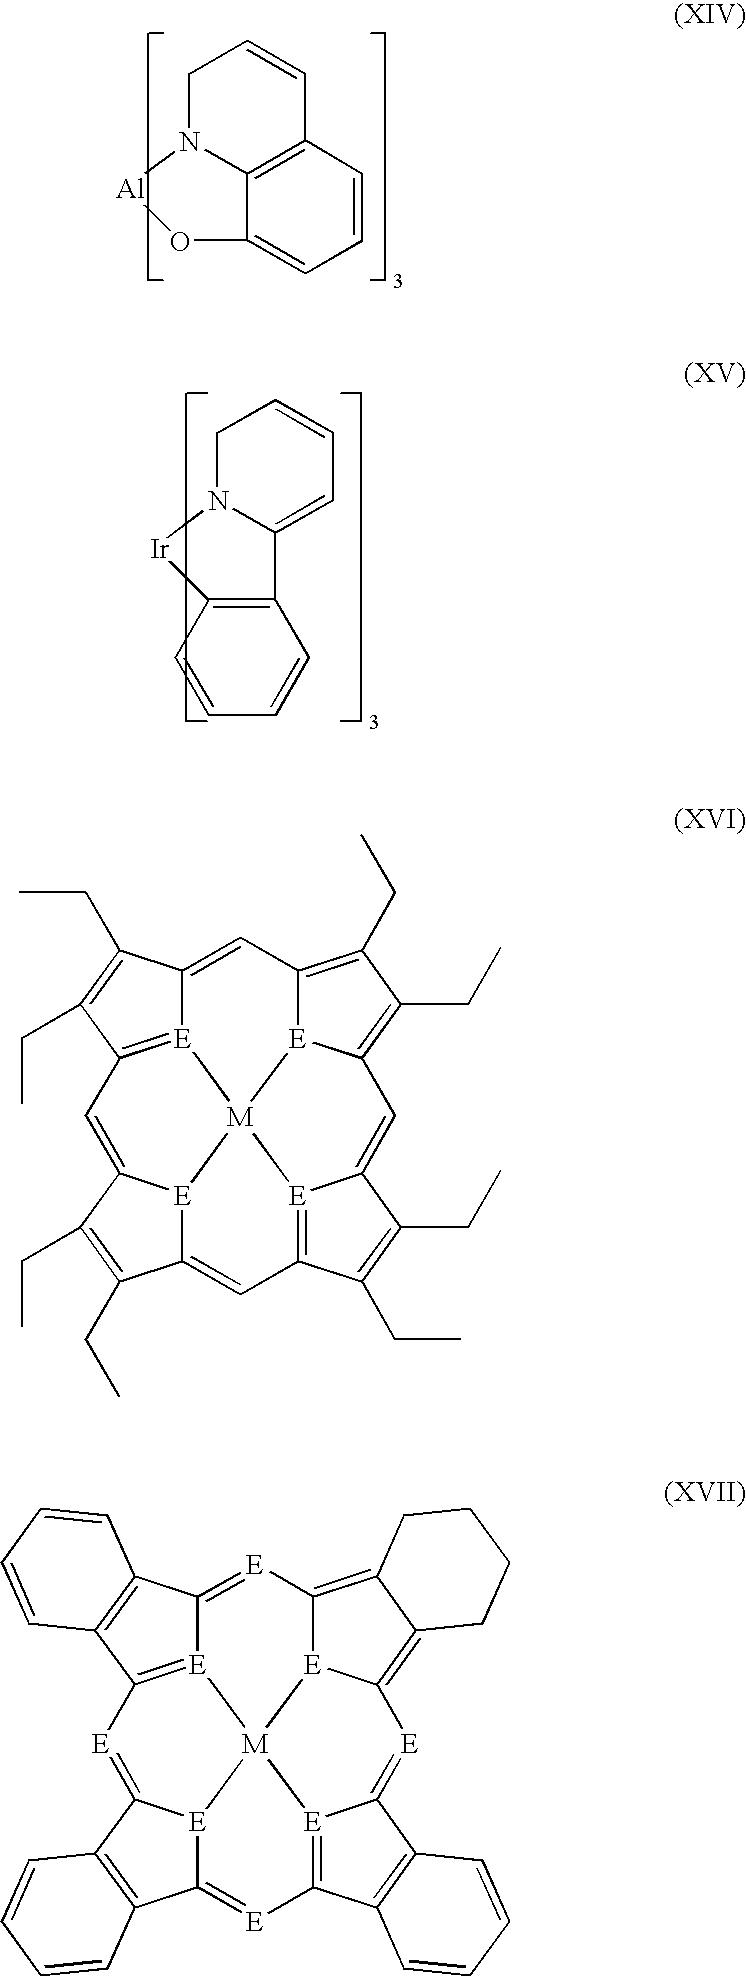 Figure US20050006643A1-20050113-C00003